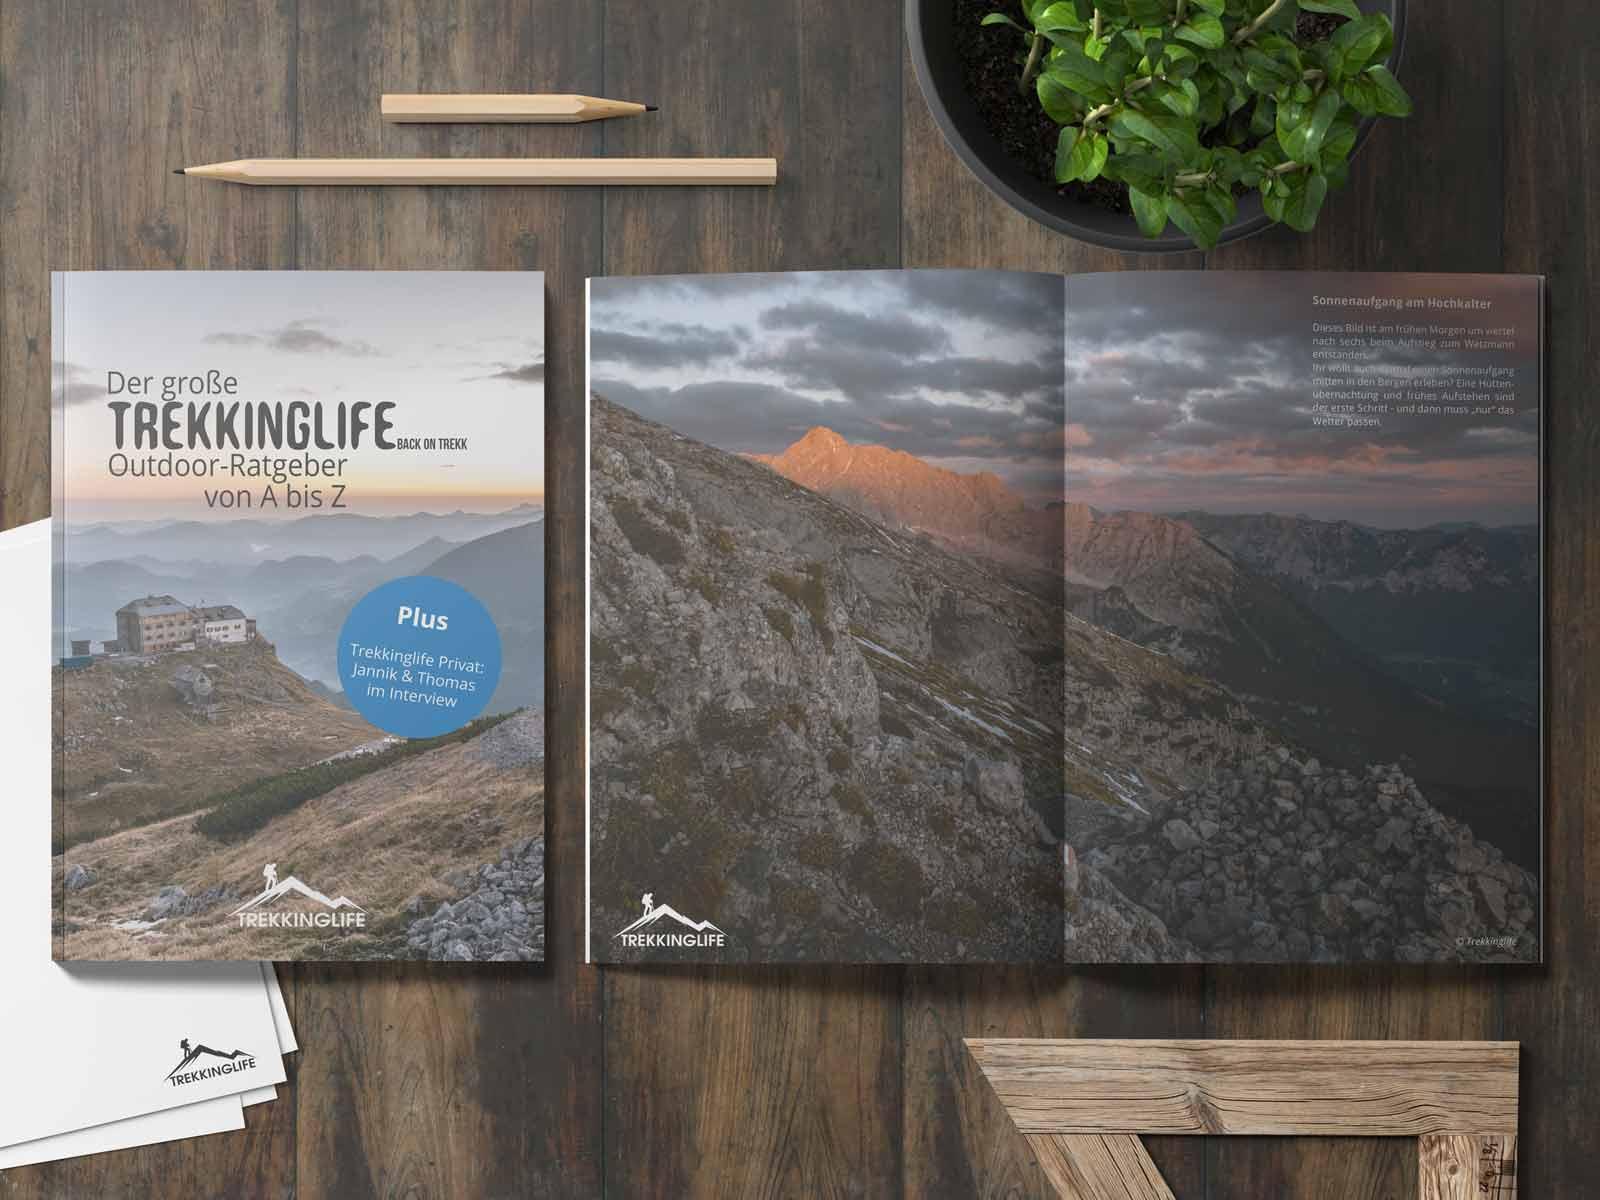 Mockup_Trekkinglife_outdoor-Ratgeber-4